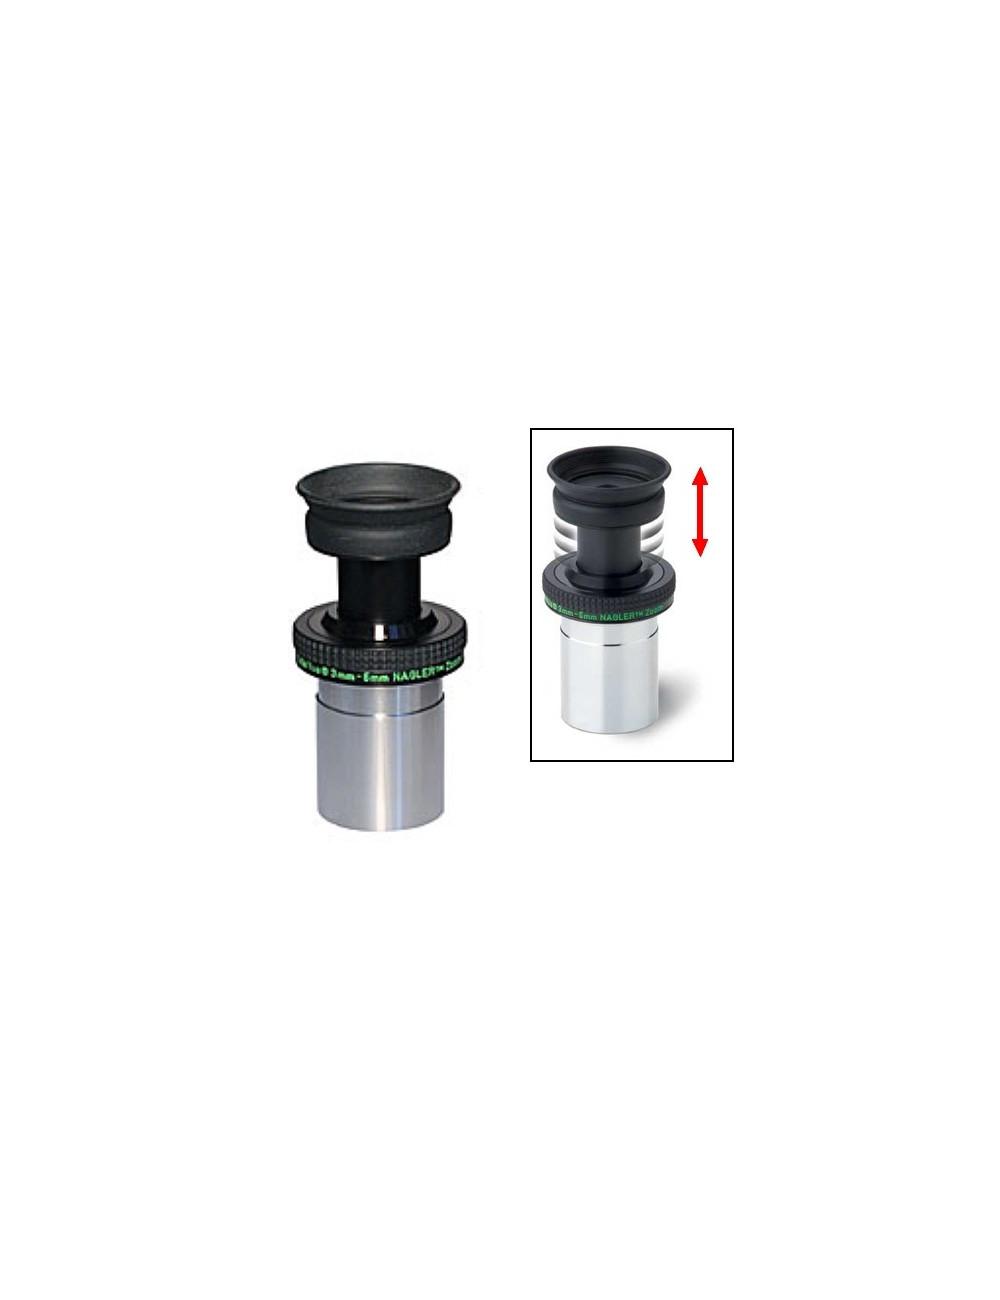 Oculaire Tele Vue Nagler zoom 3 - 6 mm